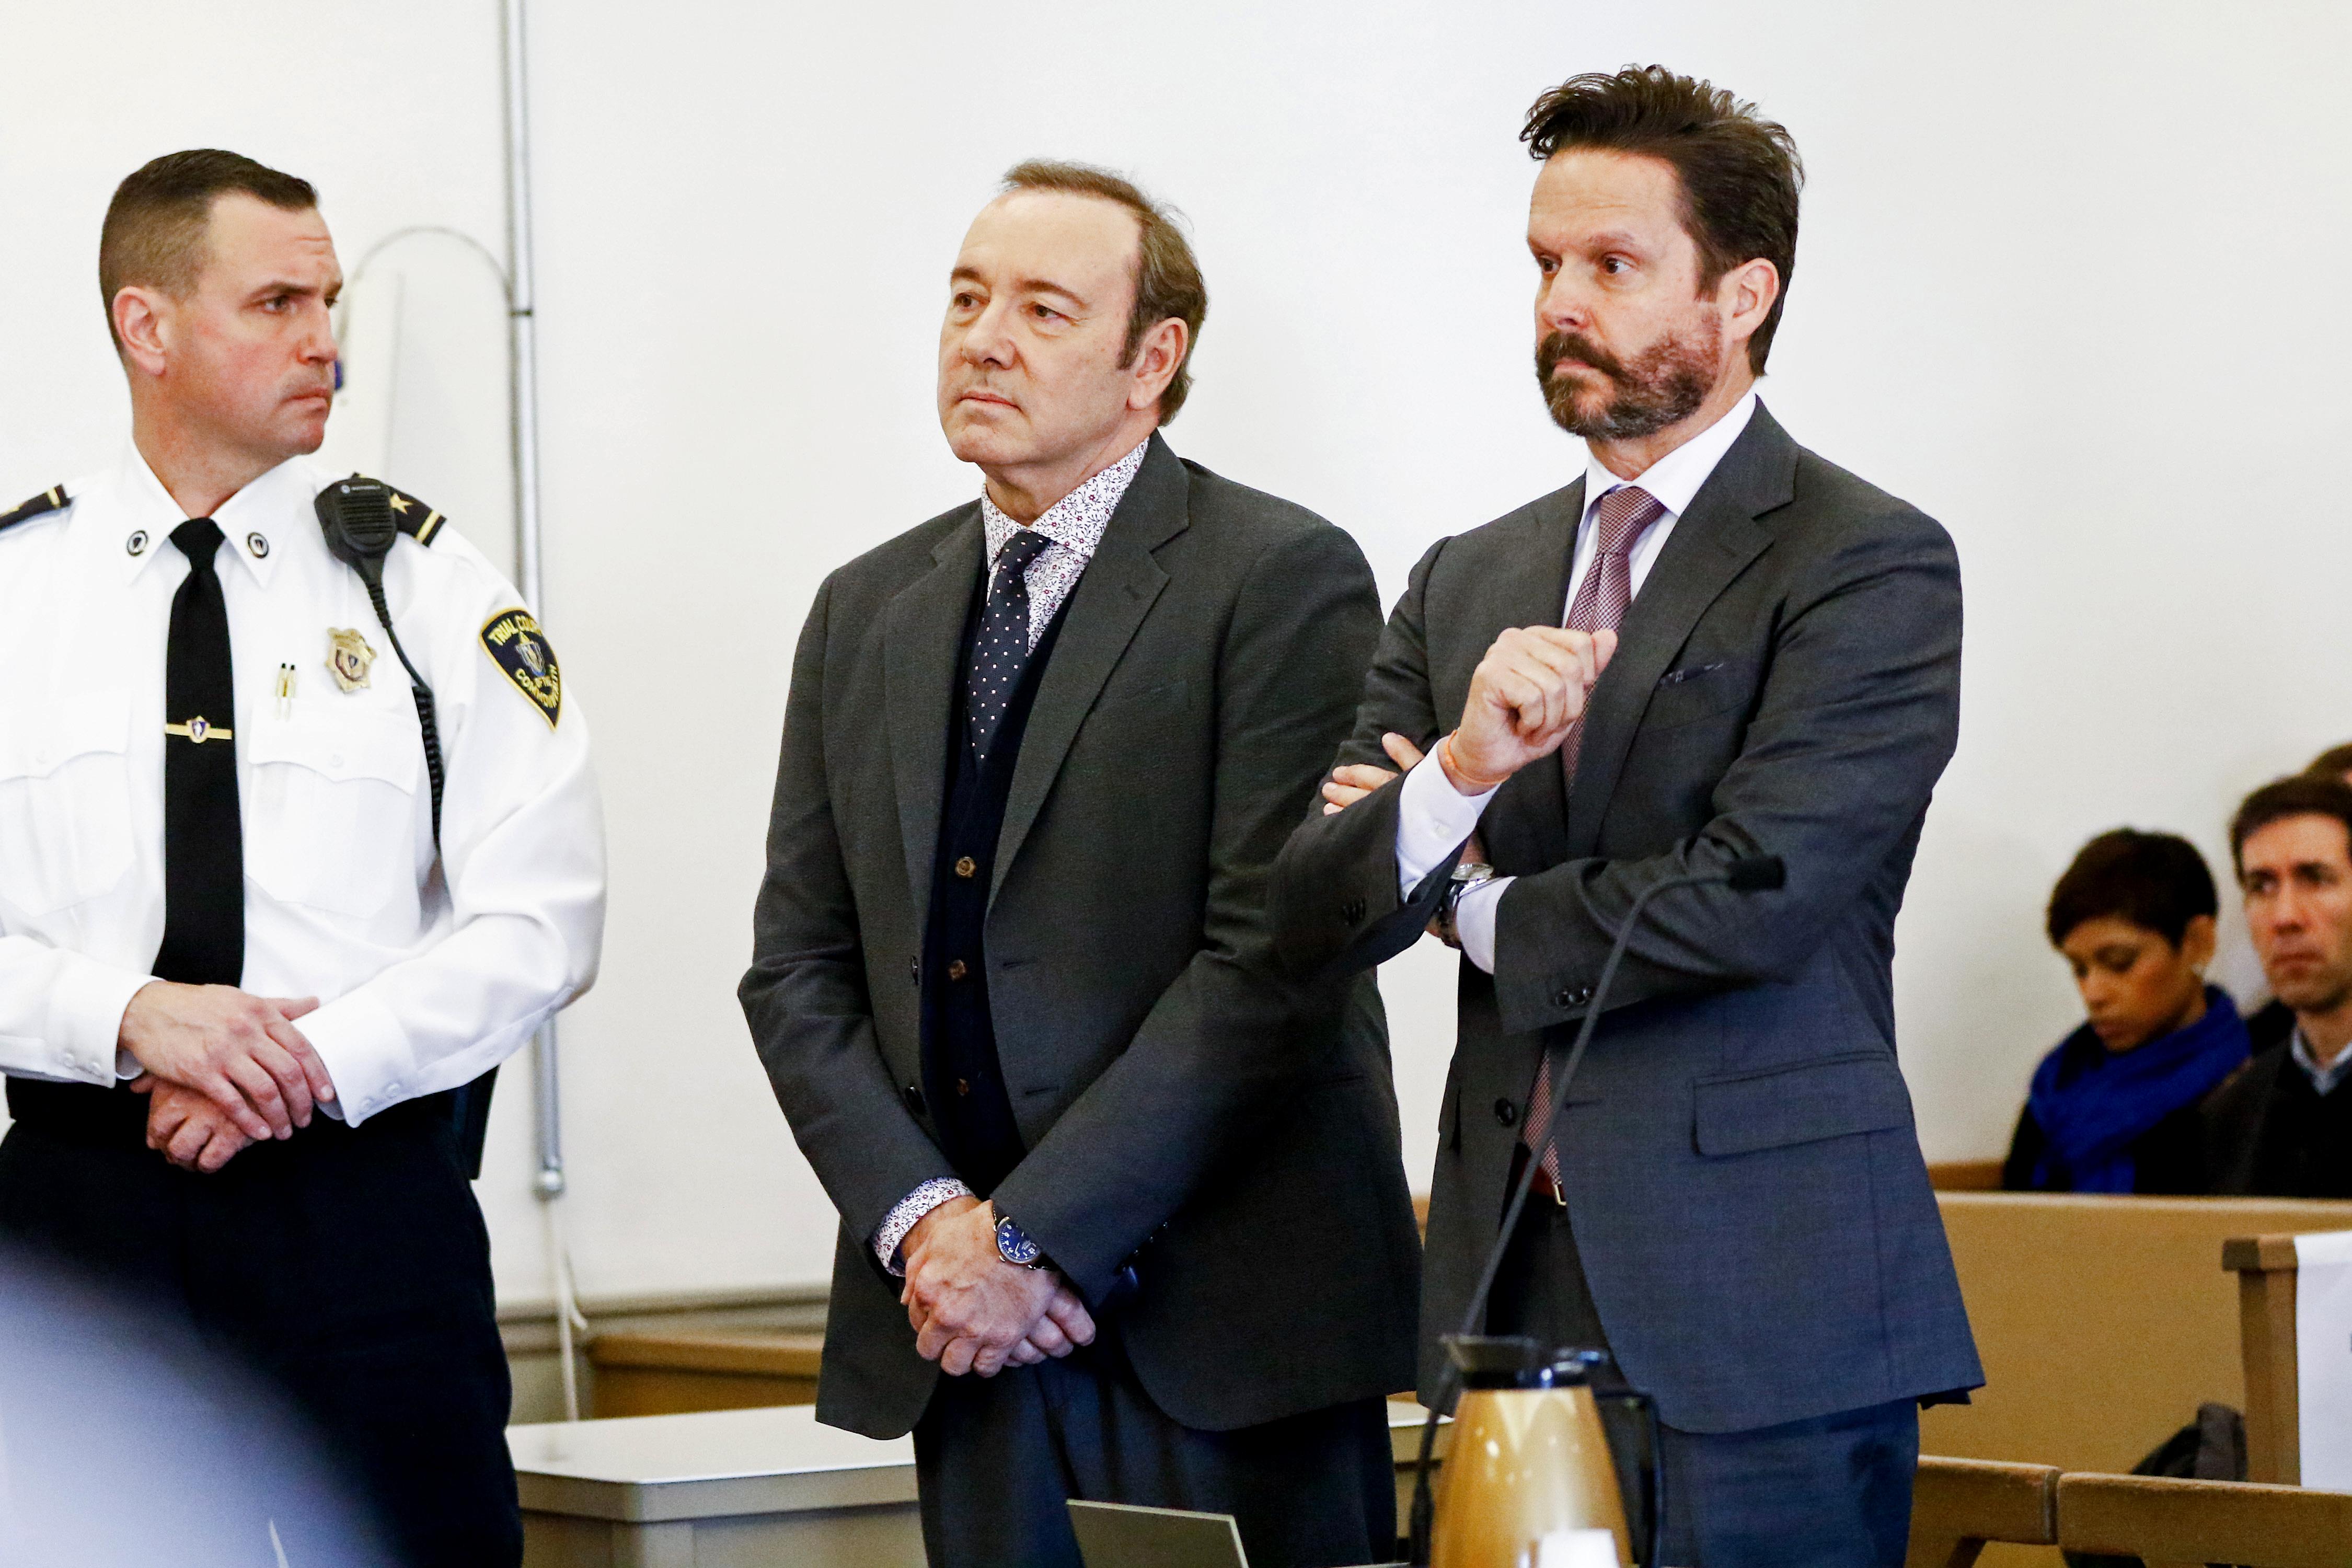 Ejtették a vádat Kevin Spacey egyik zaklatási ügyében